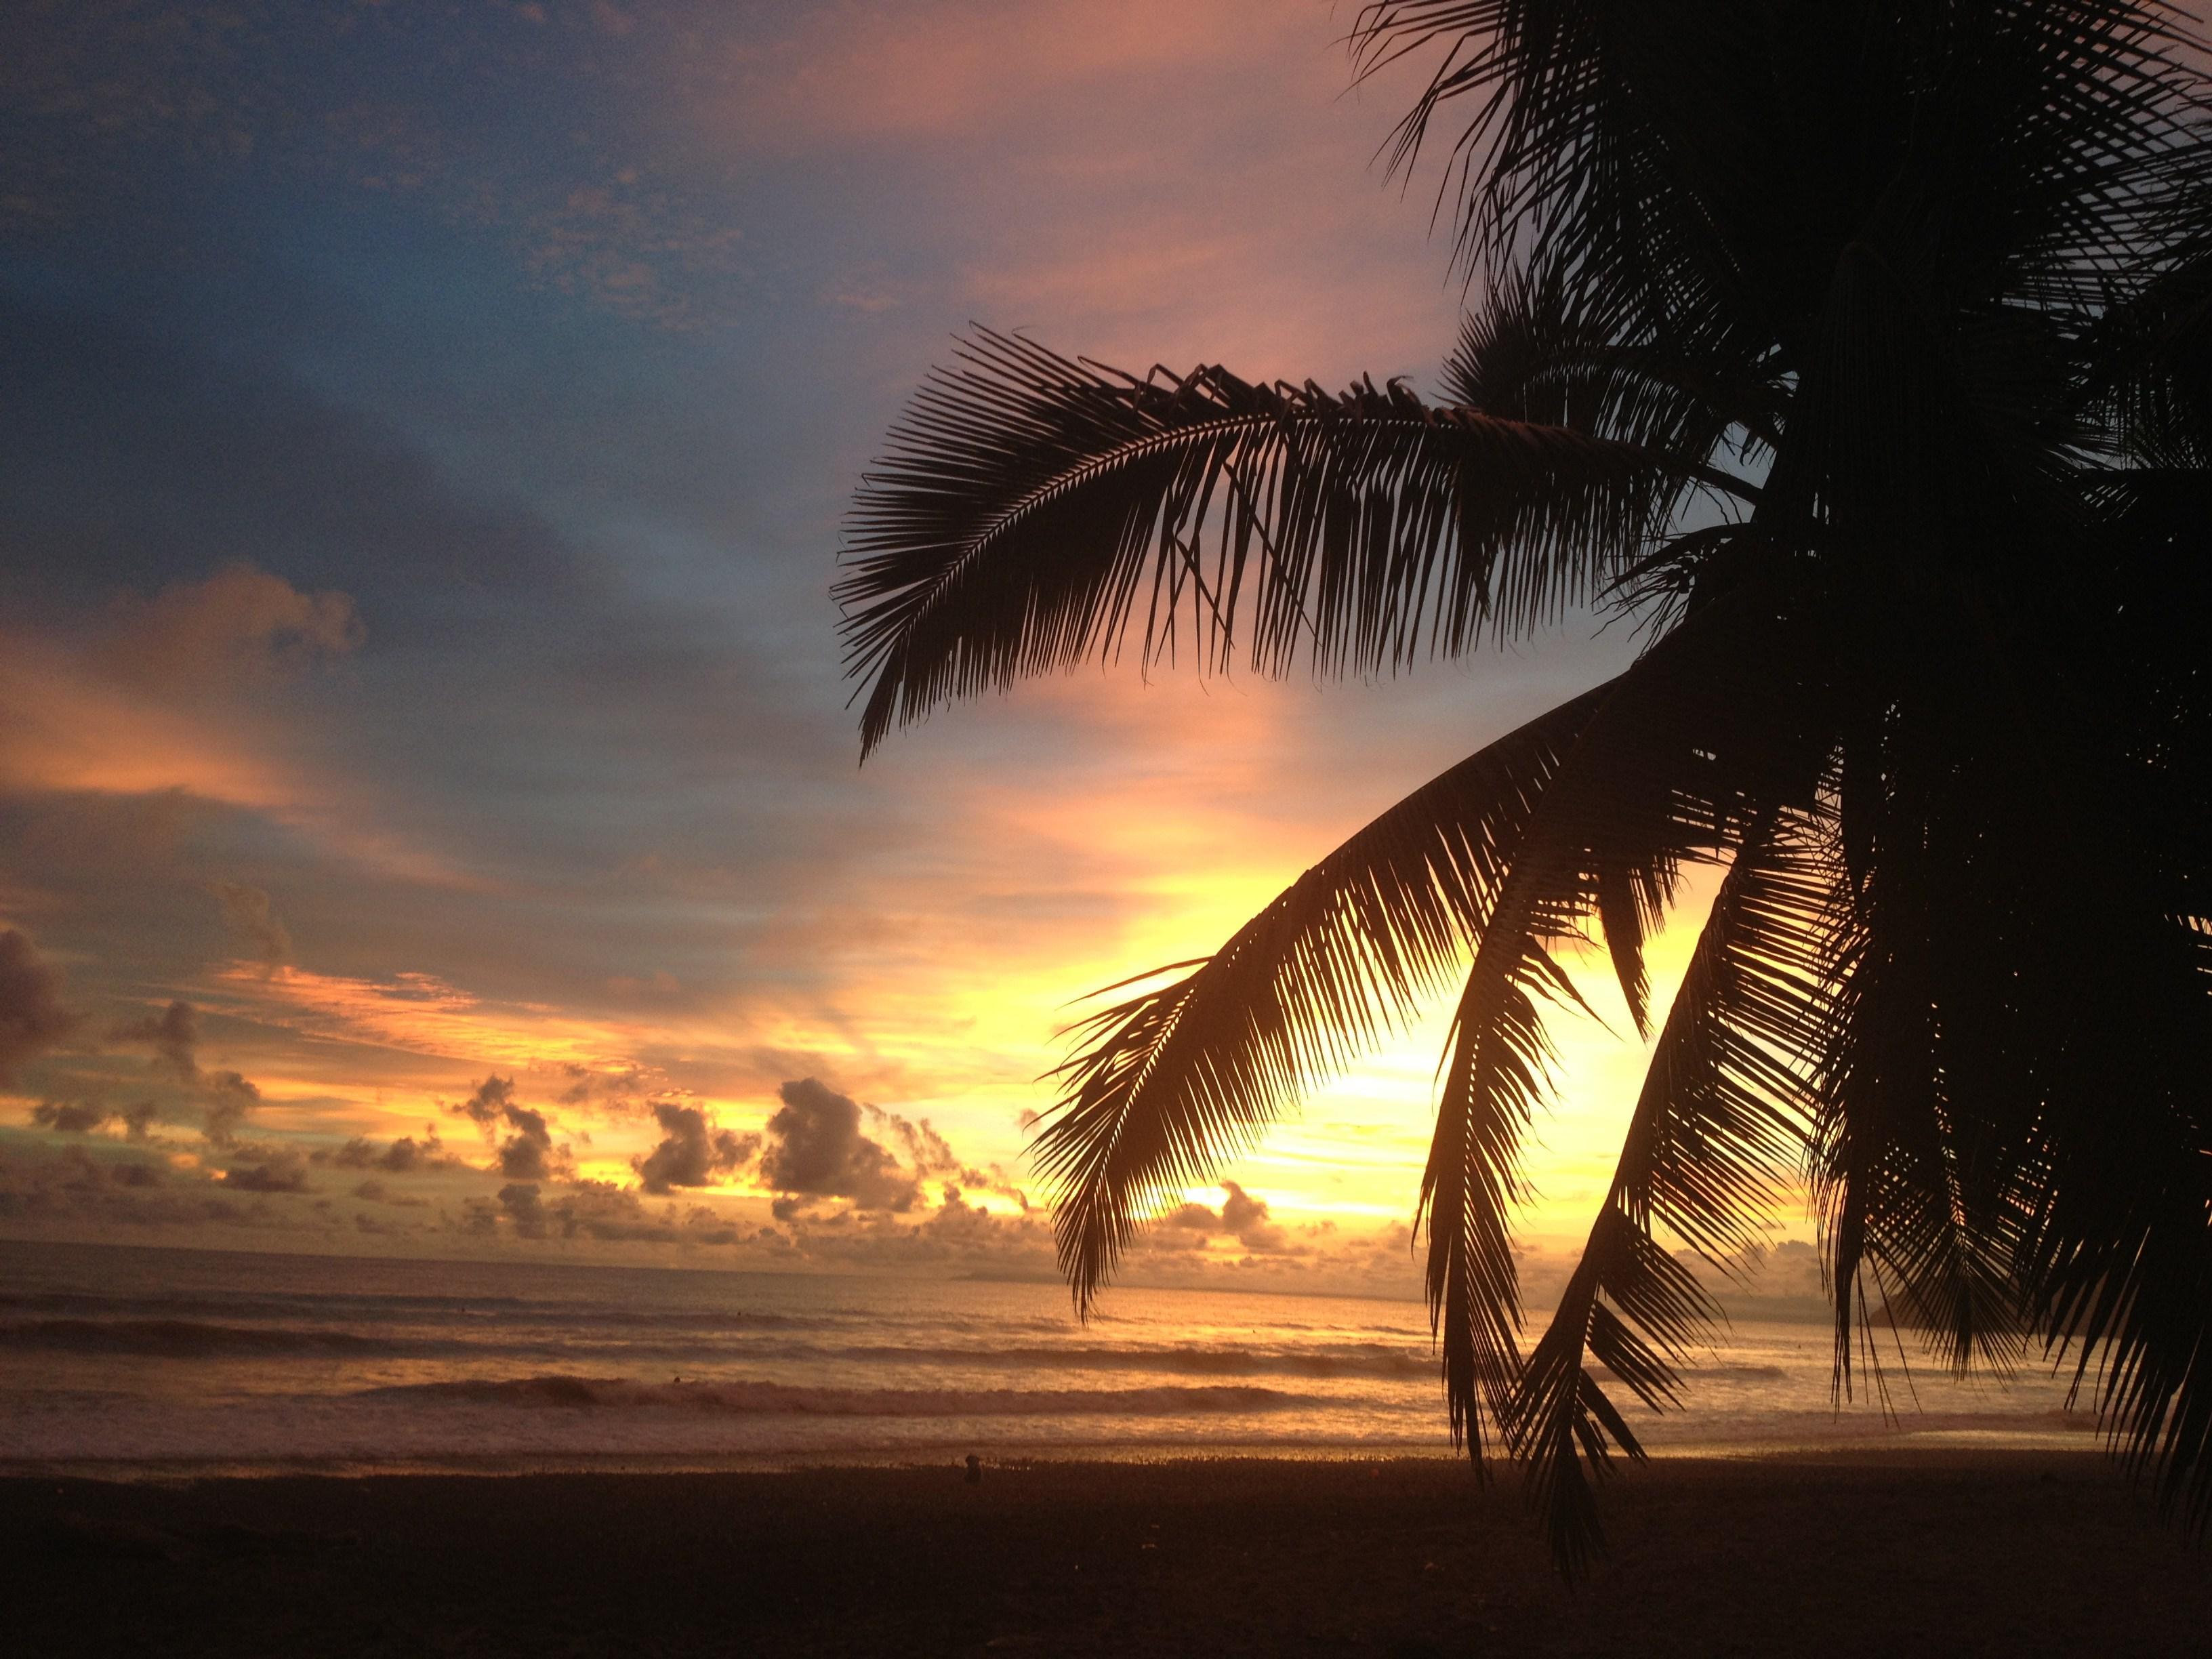 jaco-beach-costa-rica-murder